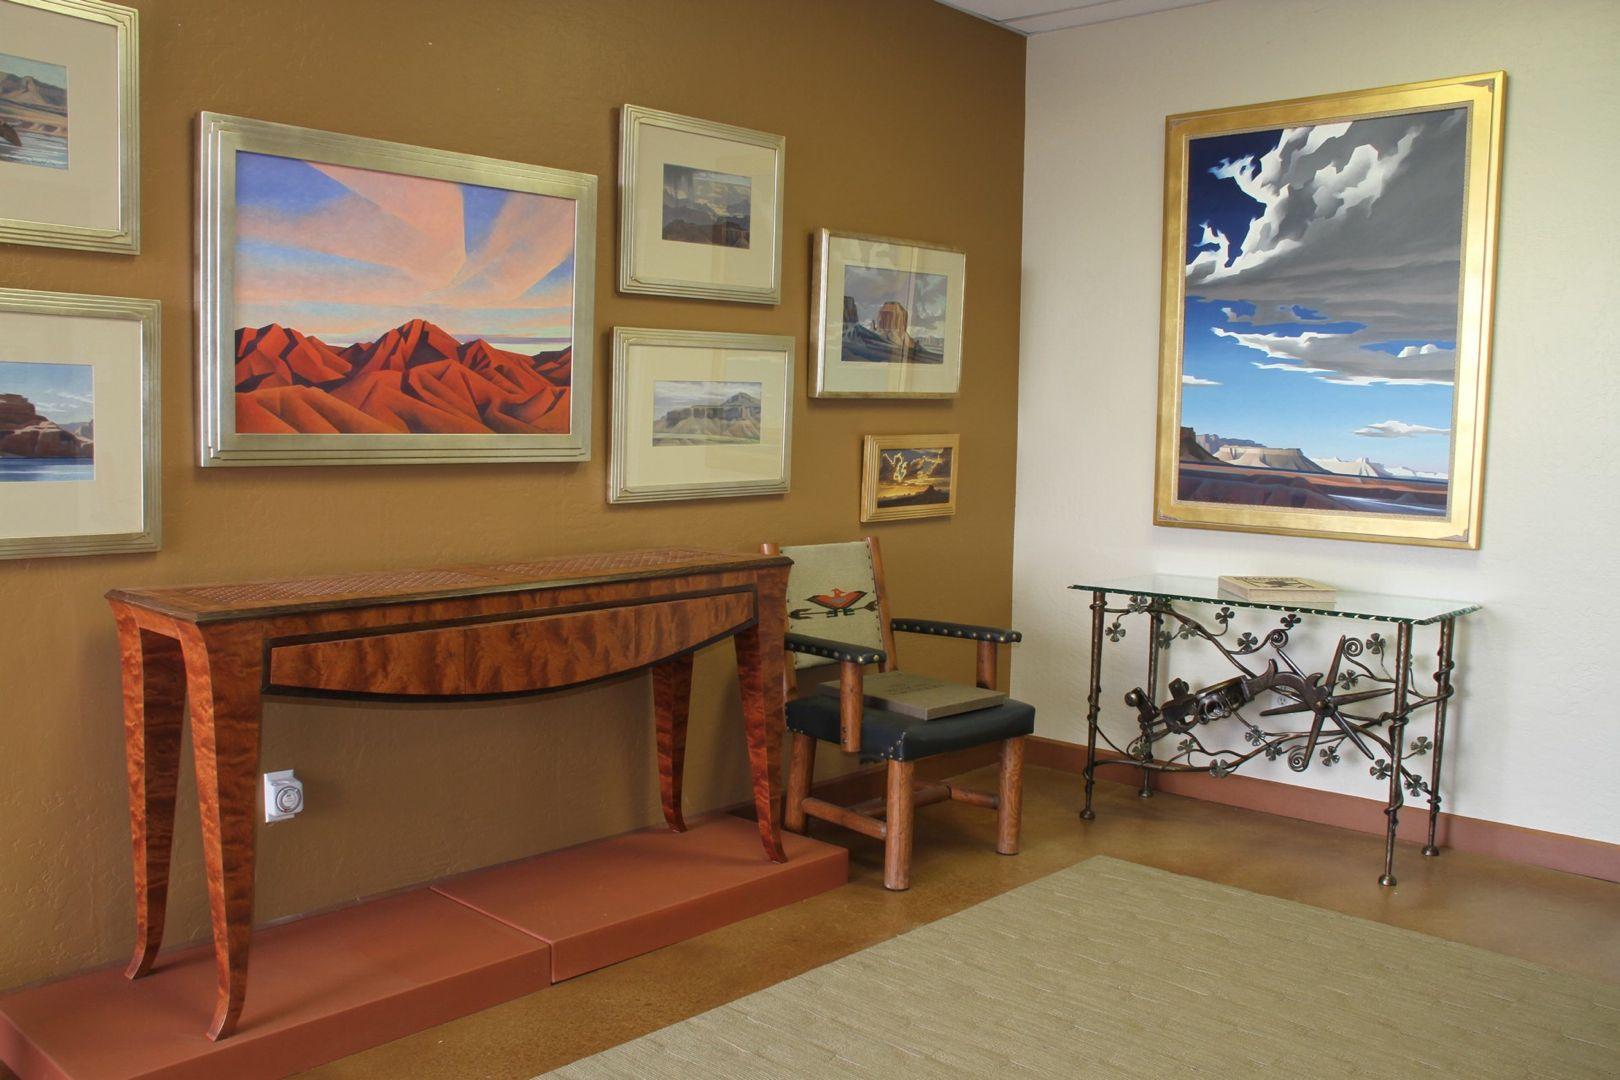 Ed Mell Art, Kivn Irvin And Rick Merrill Furniture